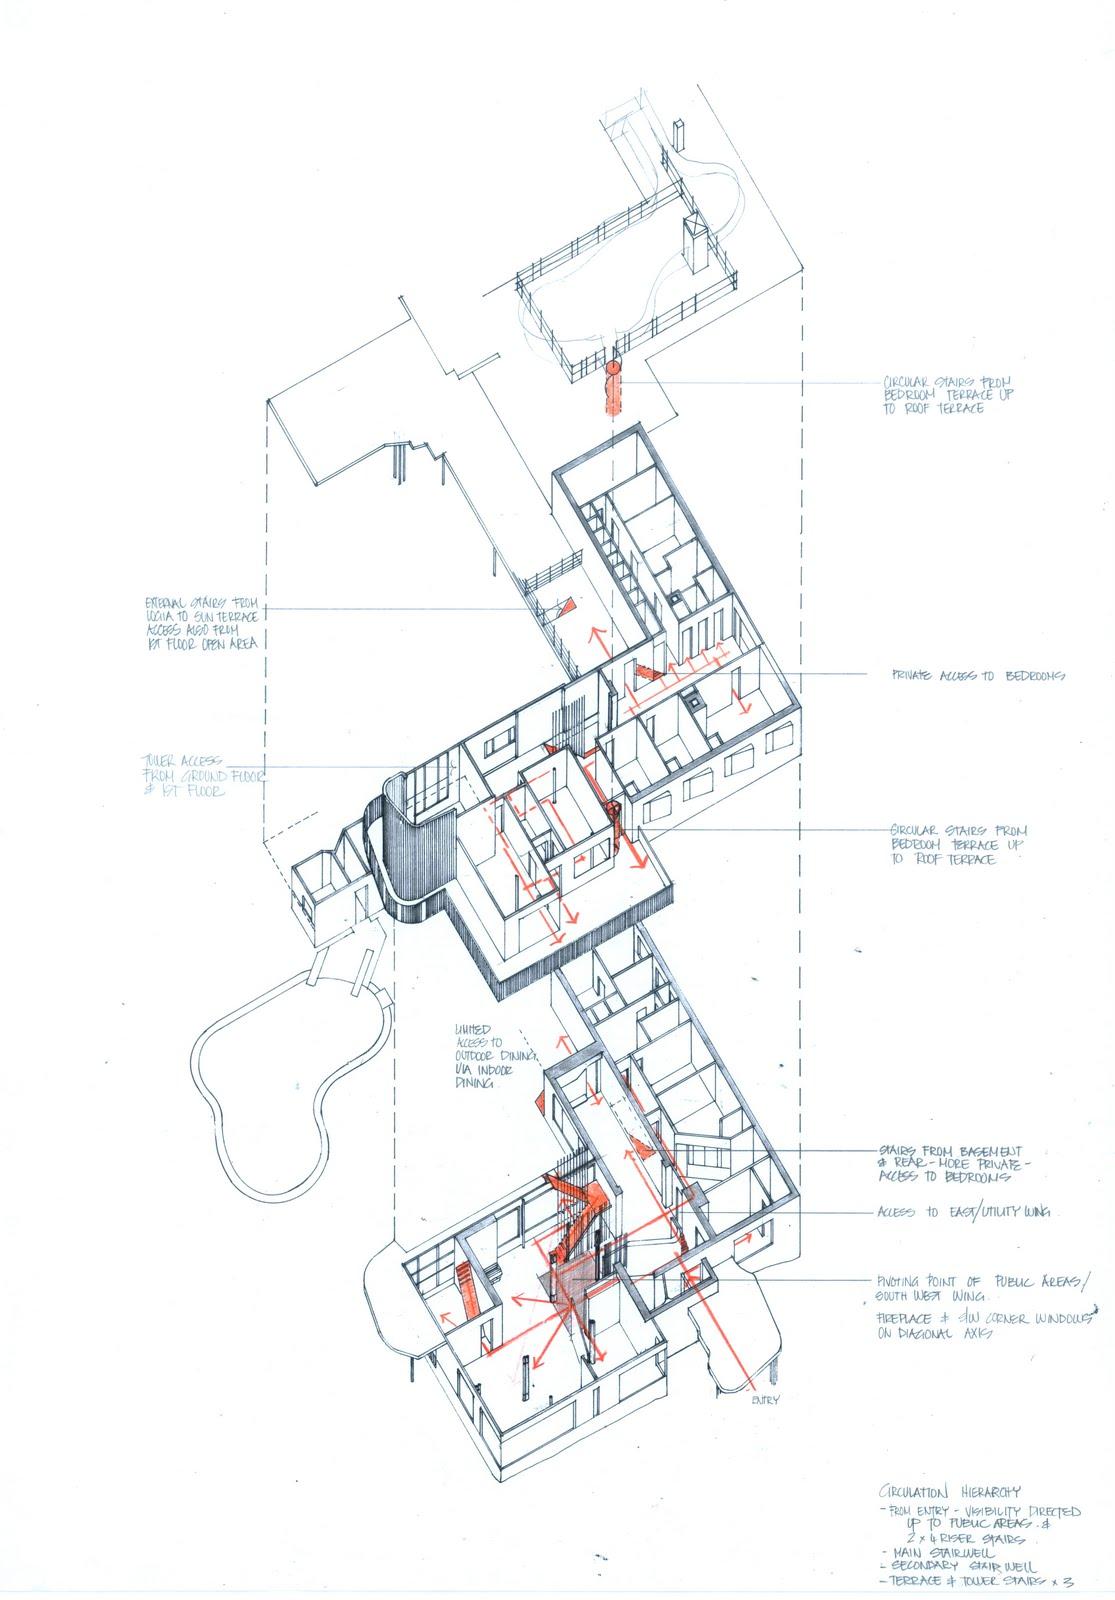 Sharryn Bowman Villa Mairea Axonometric Studies